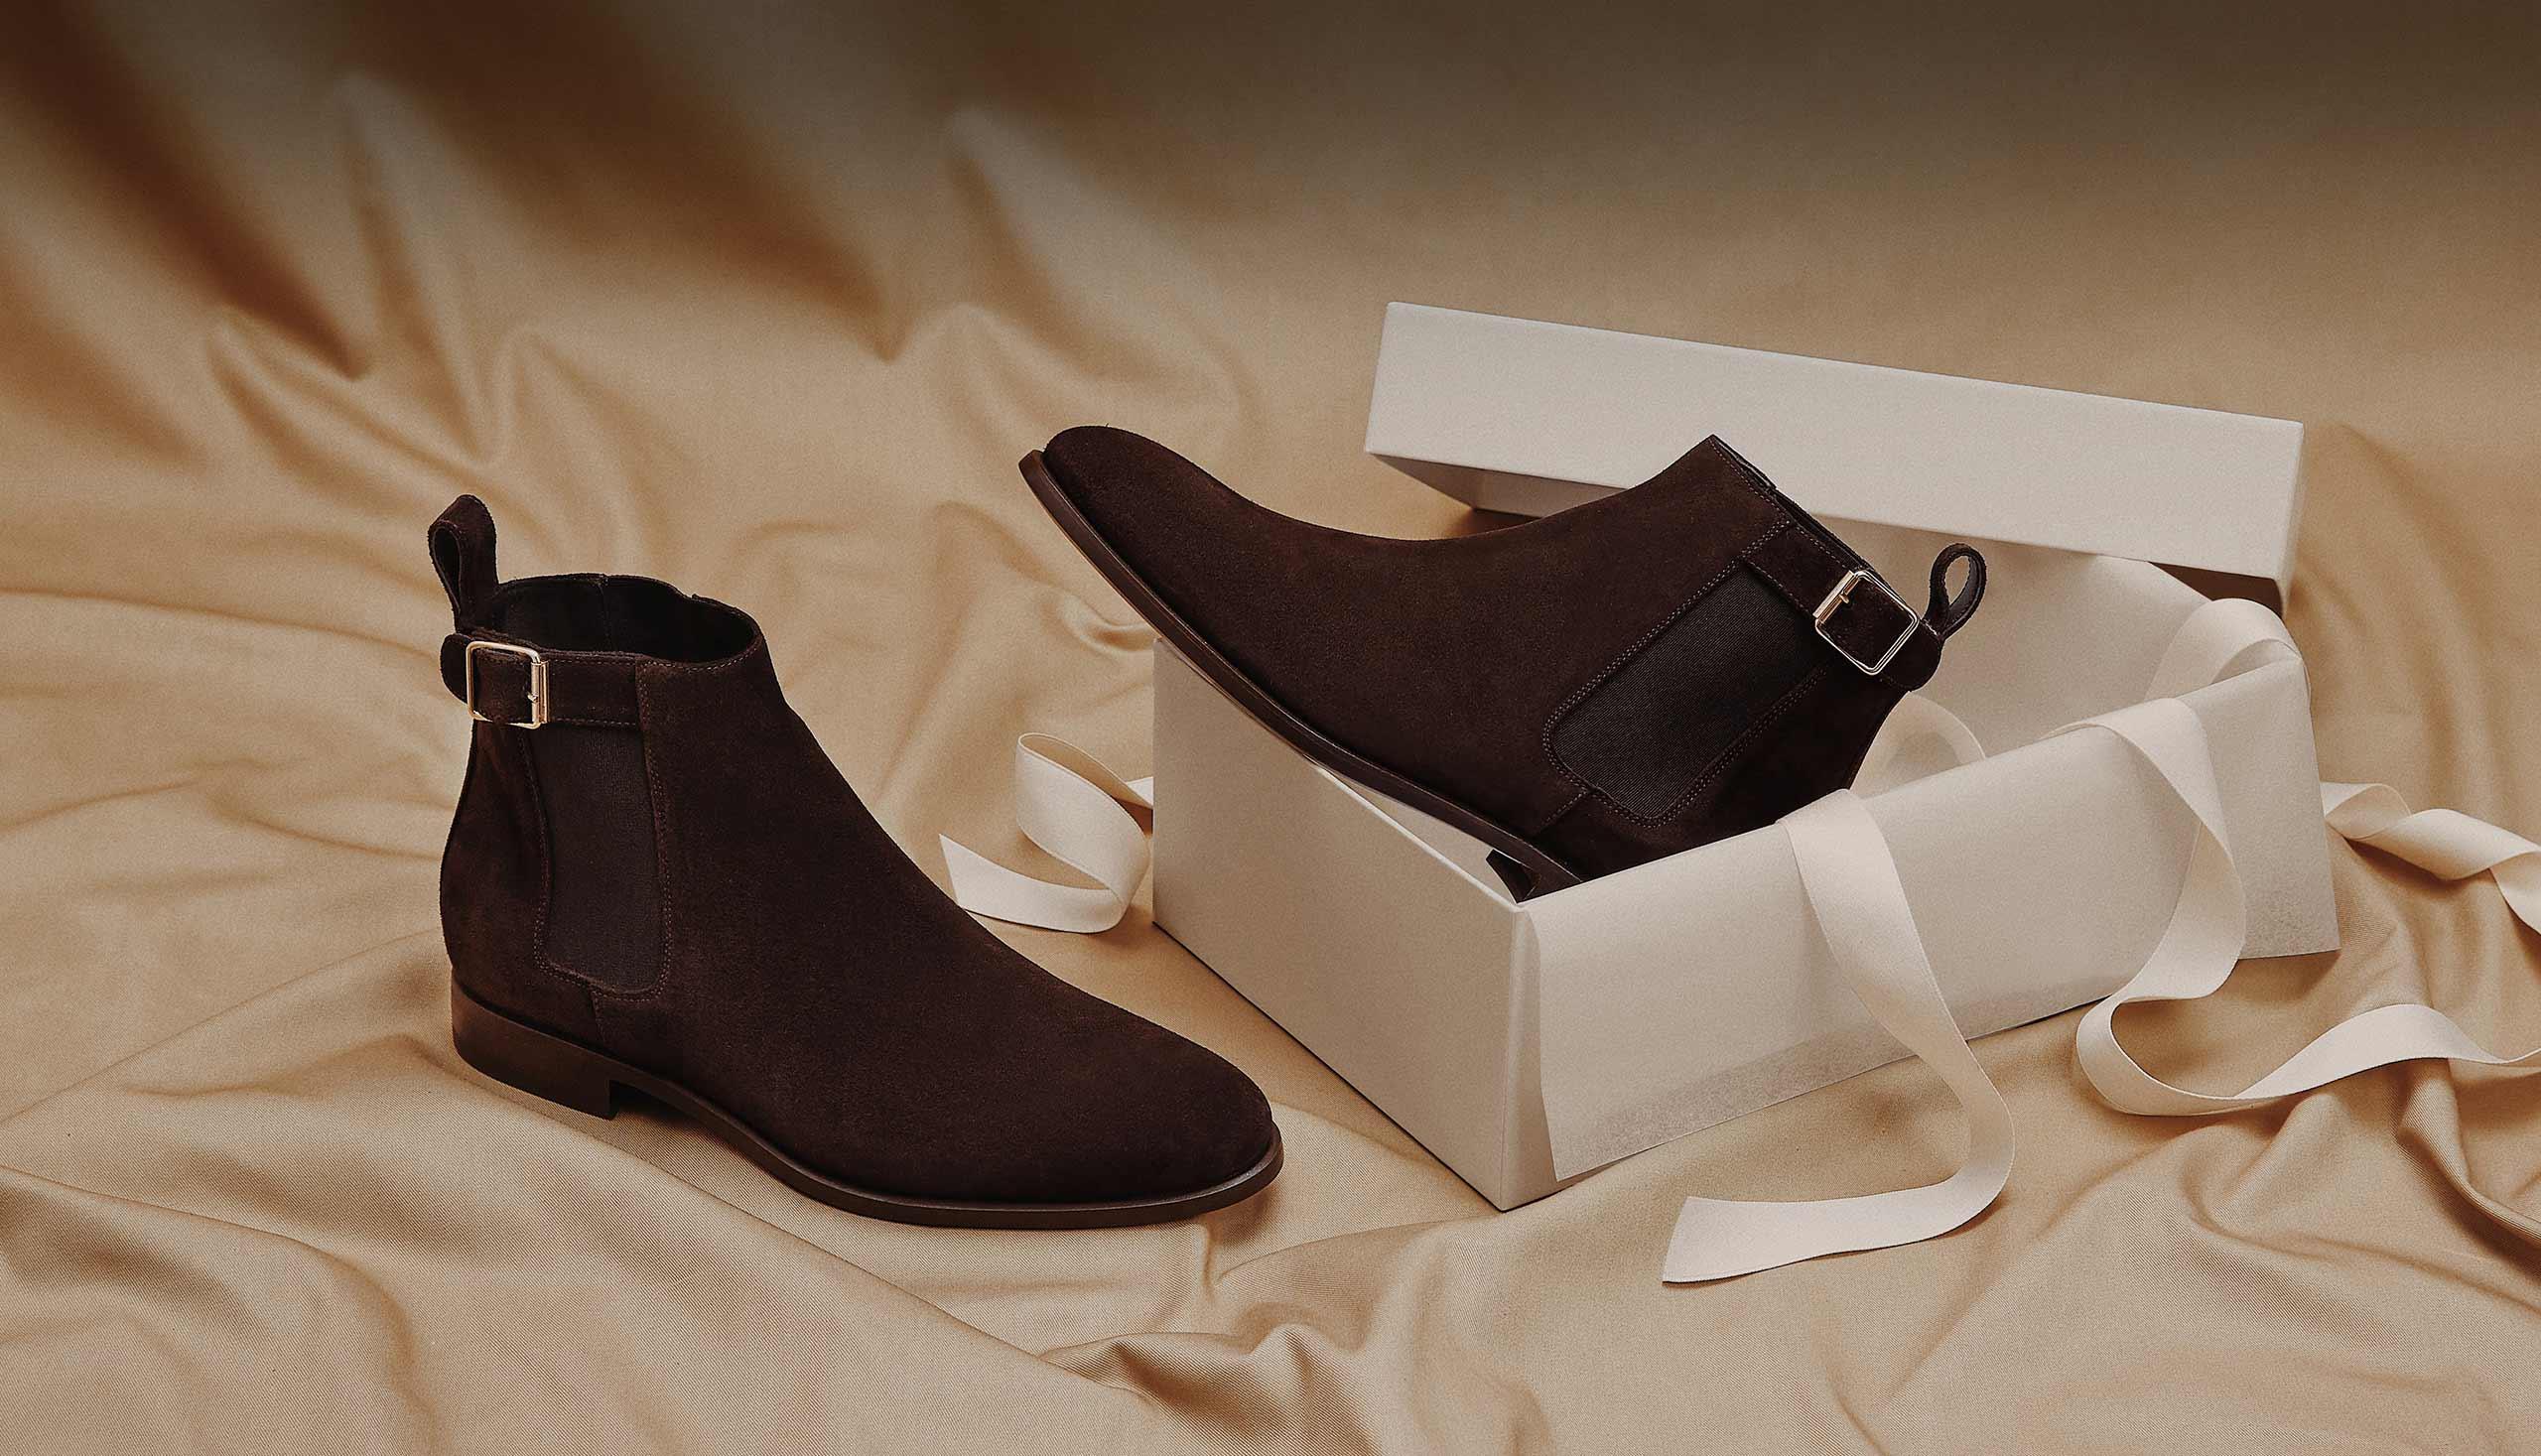 Scarosso - Italienische Schuhe für Herren und Damen